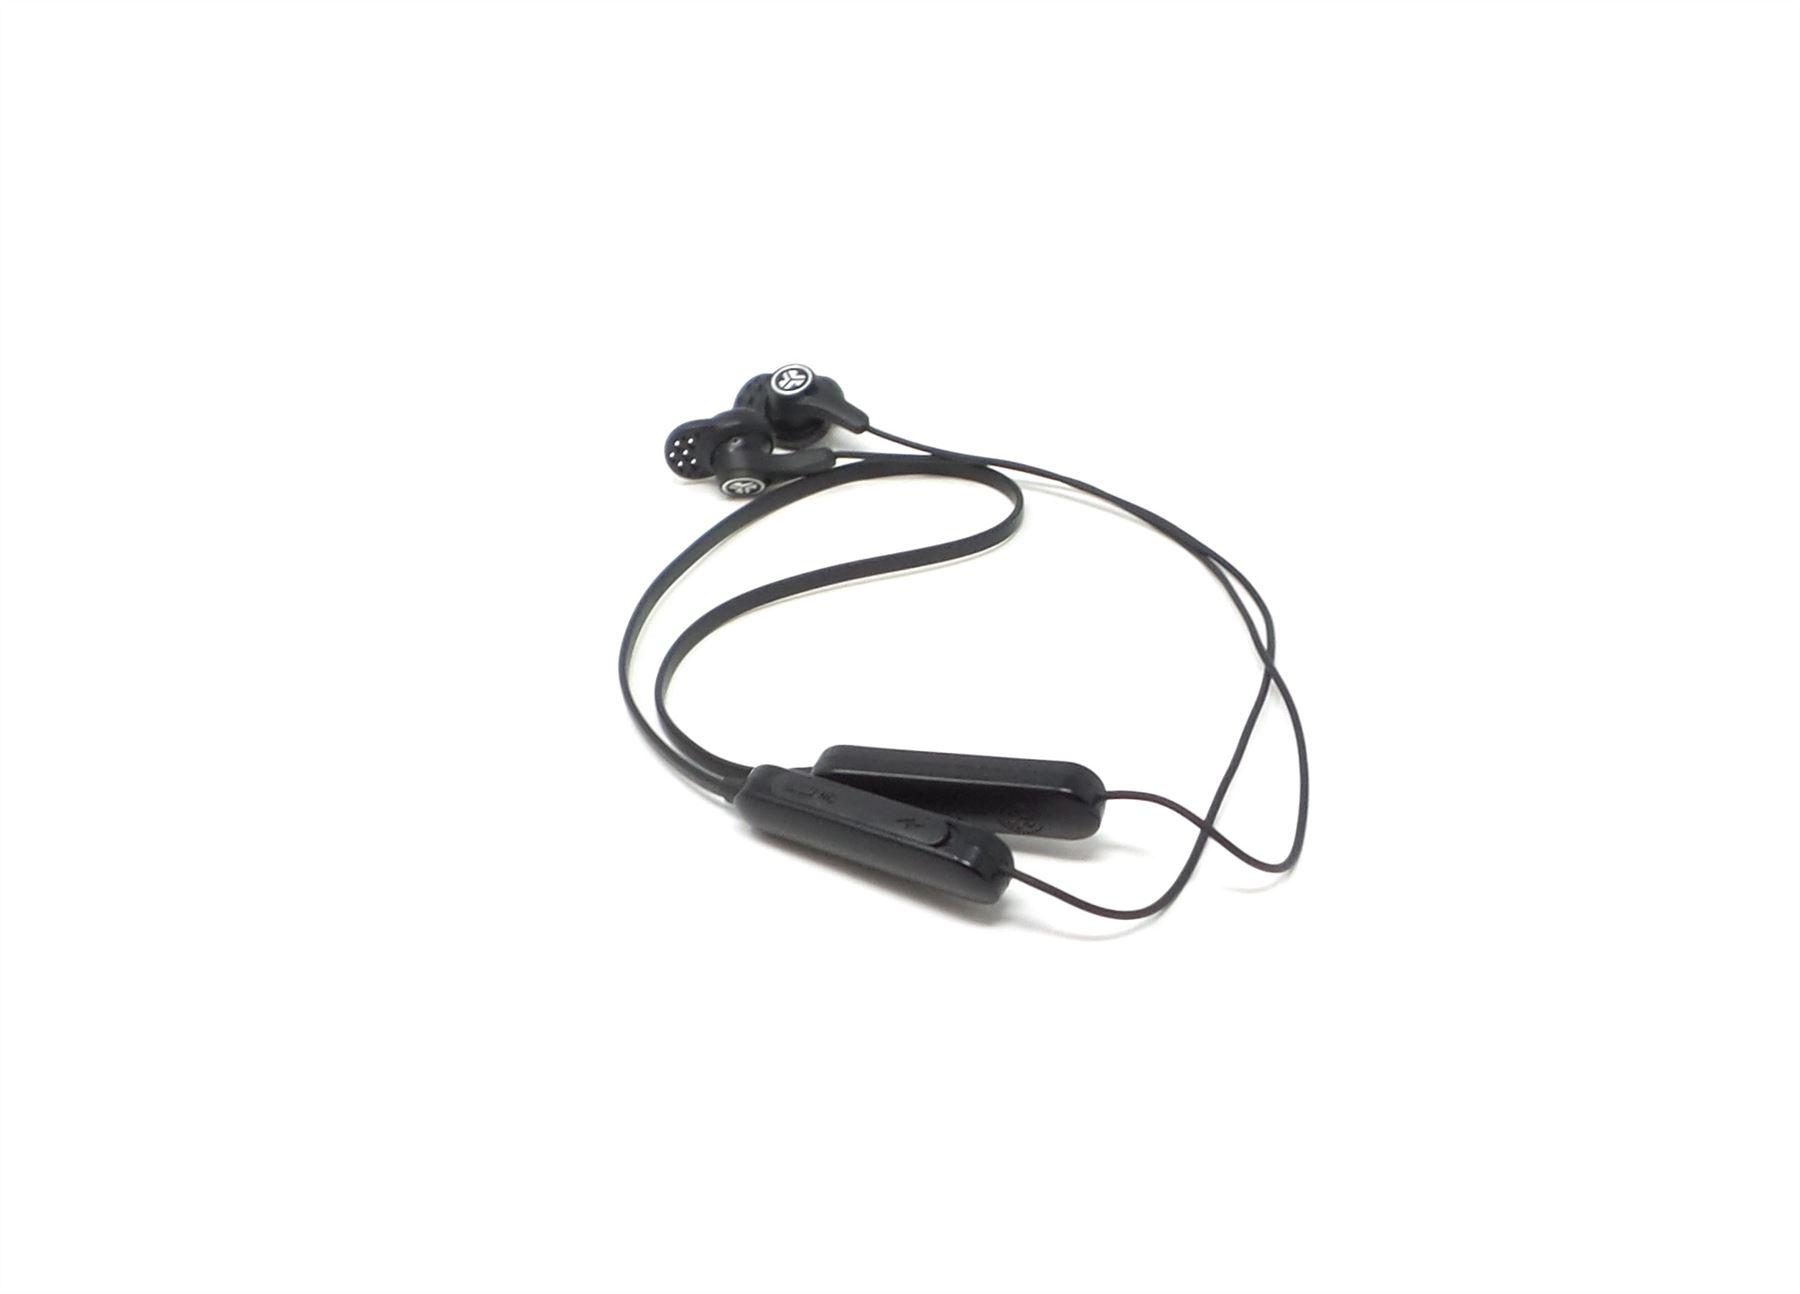 Jlab Audio Fit Bluetooth Wireless Sport In Ear Headset